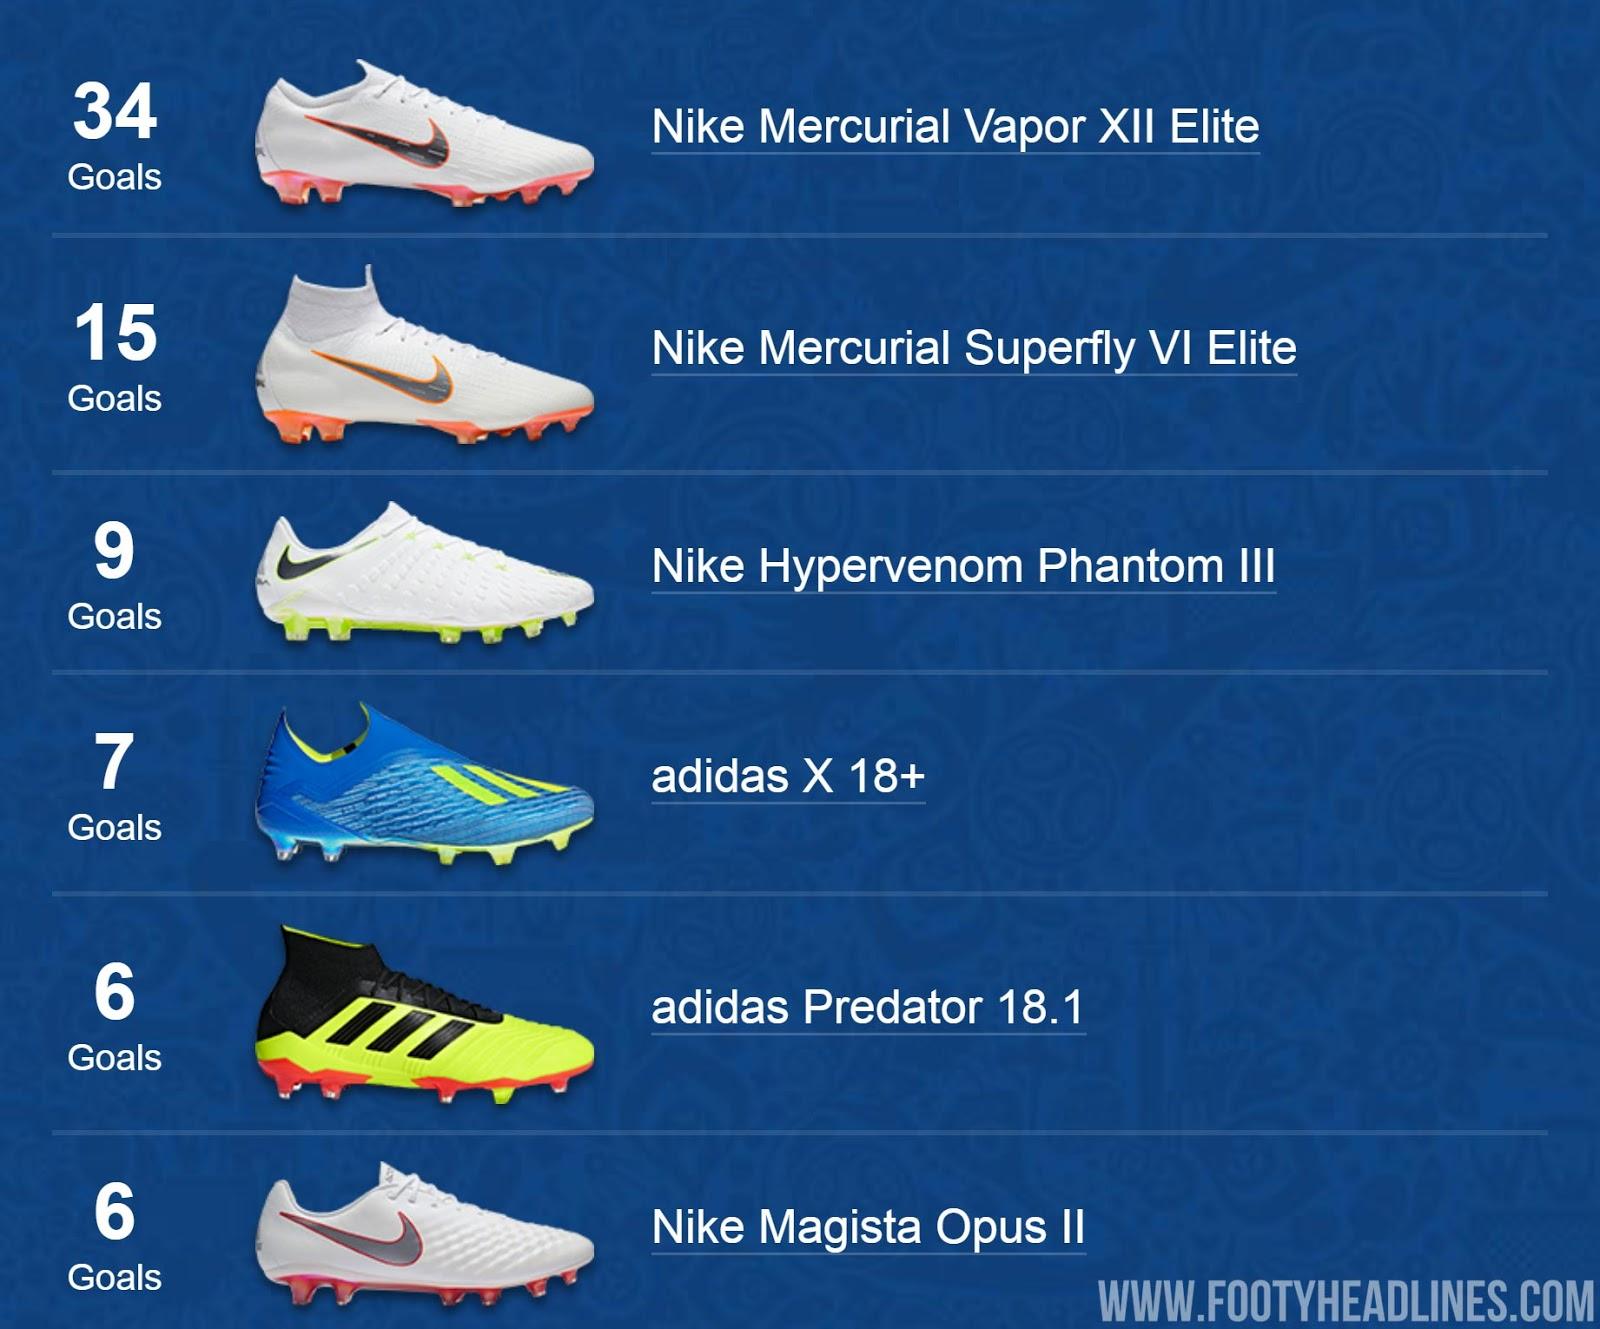 Promozione delle vendite prezzo basso fornire un sacco di Group Stage Complete: Nike Continues to Dominate 2018 World Cup ...